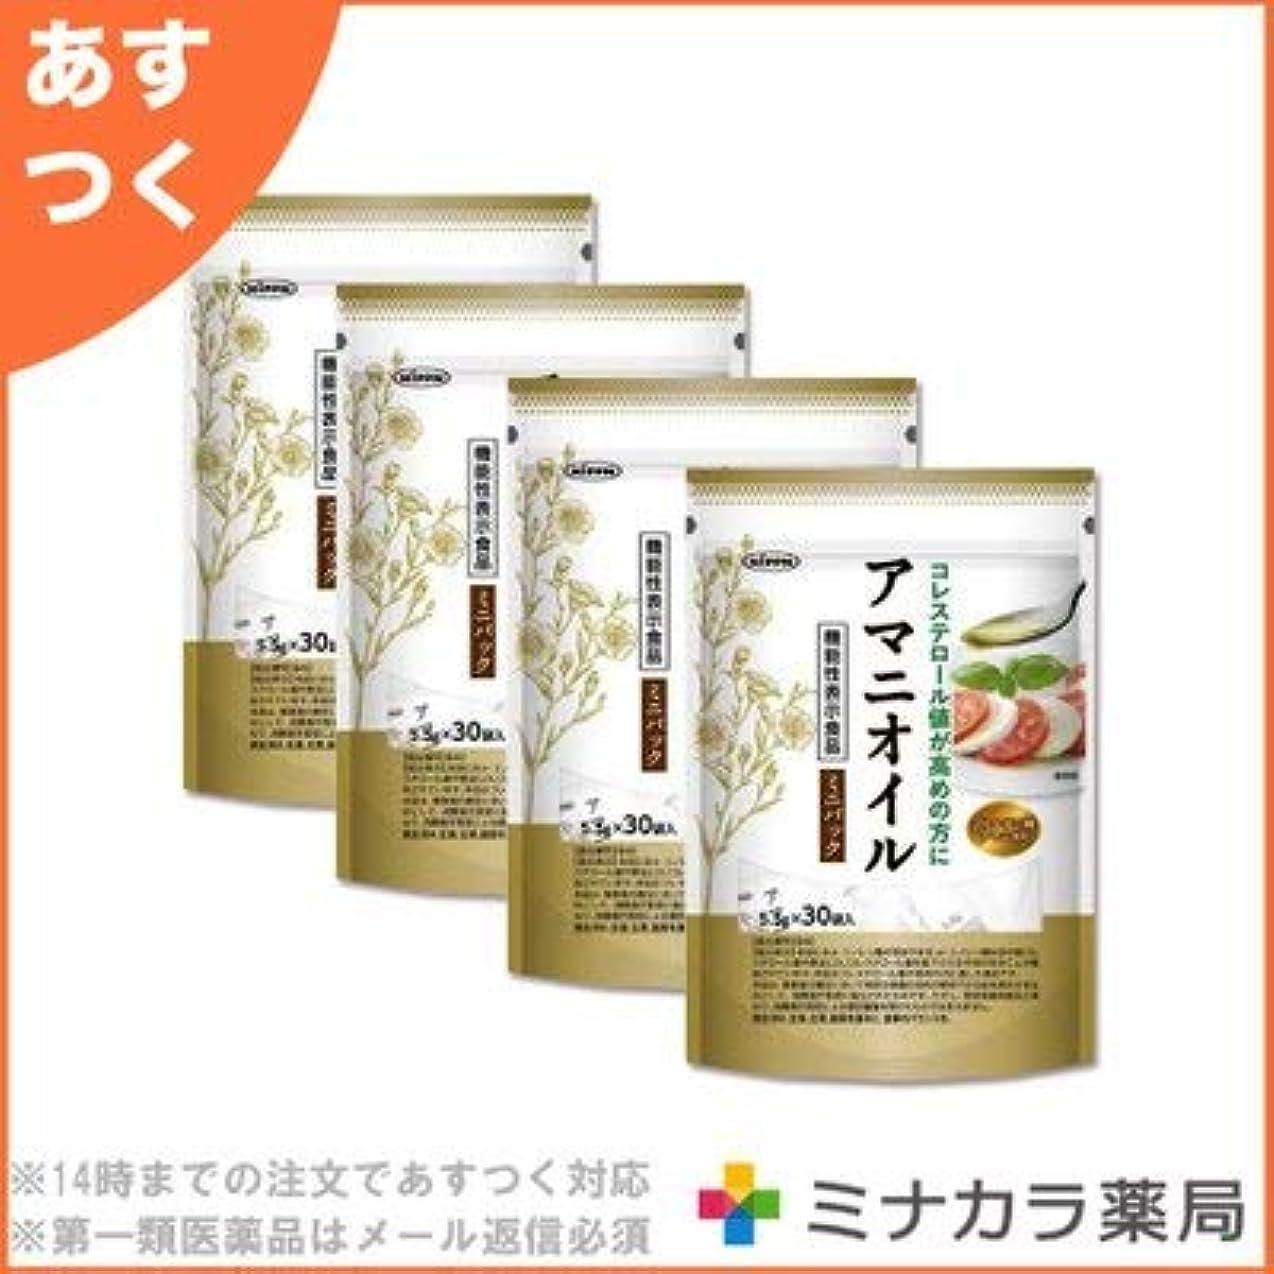 かび臭いコンパイル気怠い日本製粉 アマニオイル ミニパック 5.5g×30 (機能性表示食品)×4個セット